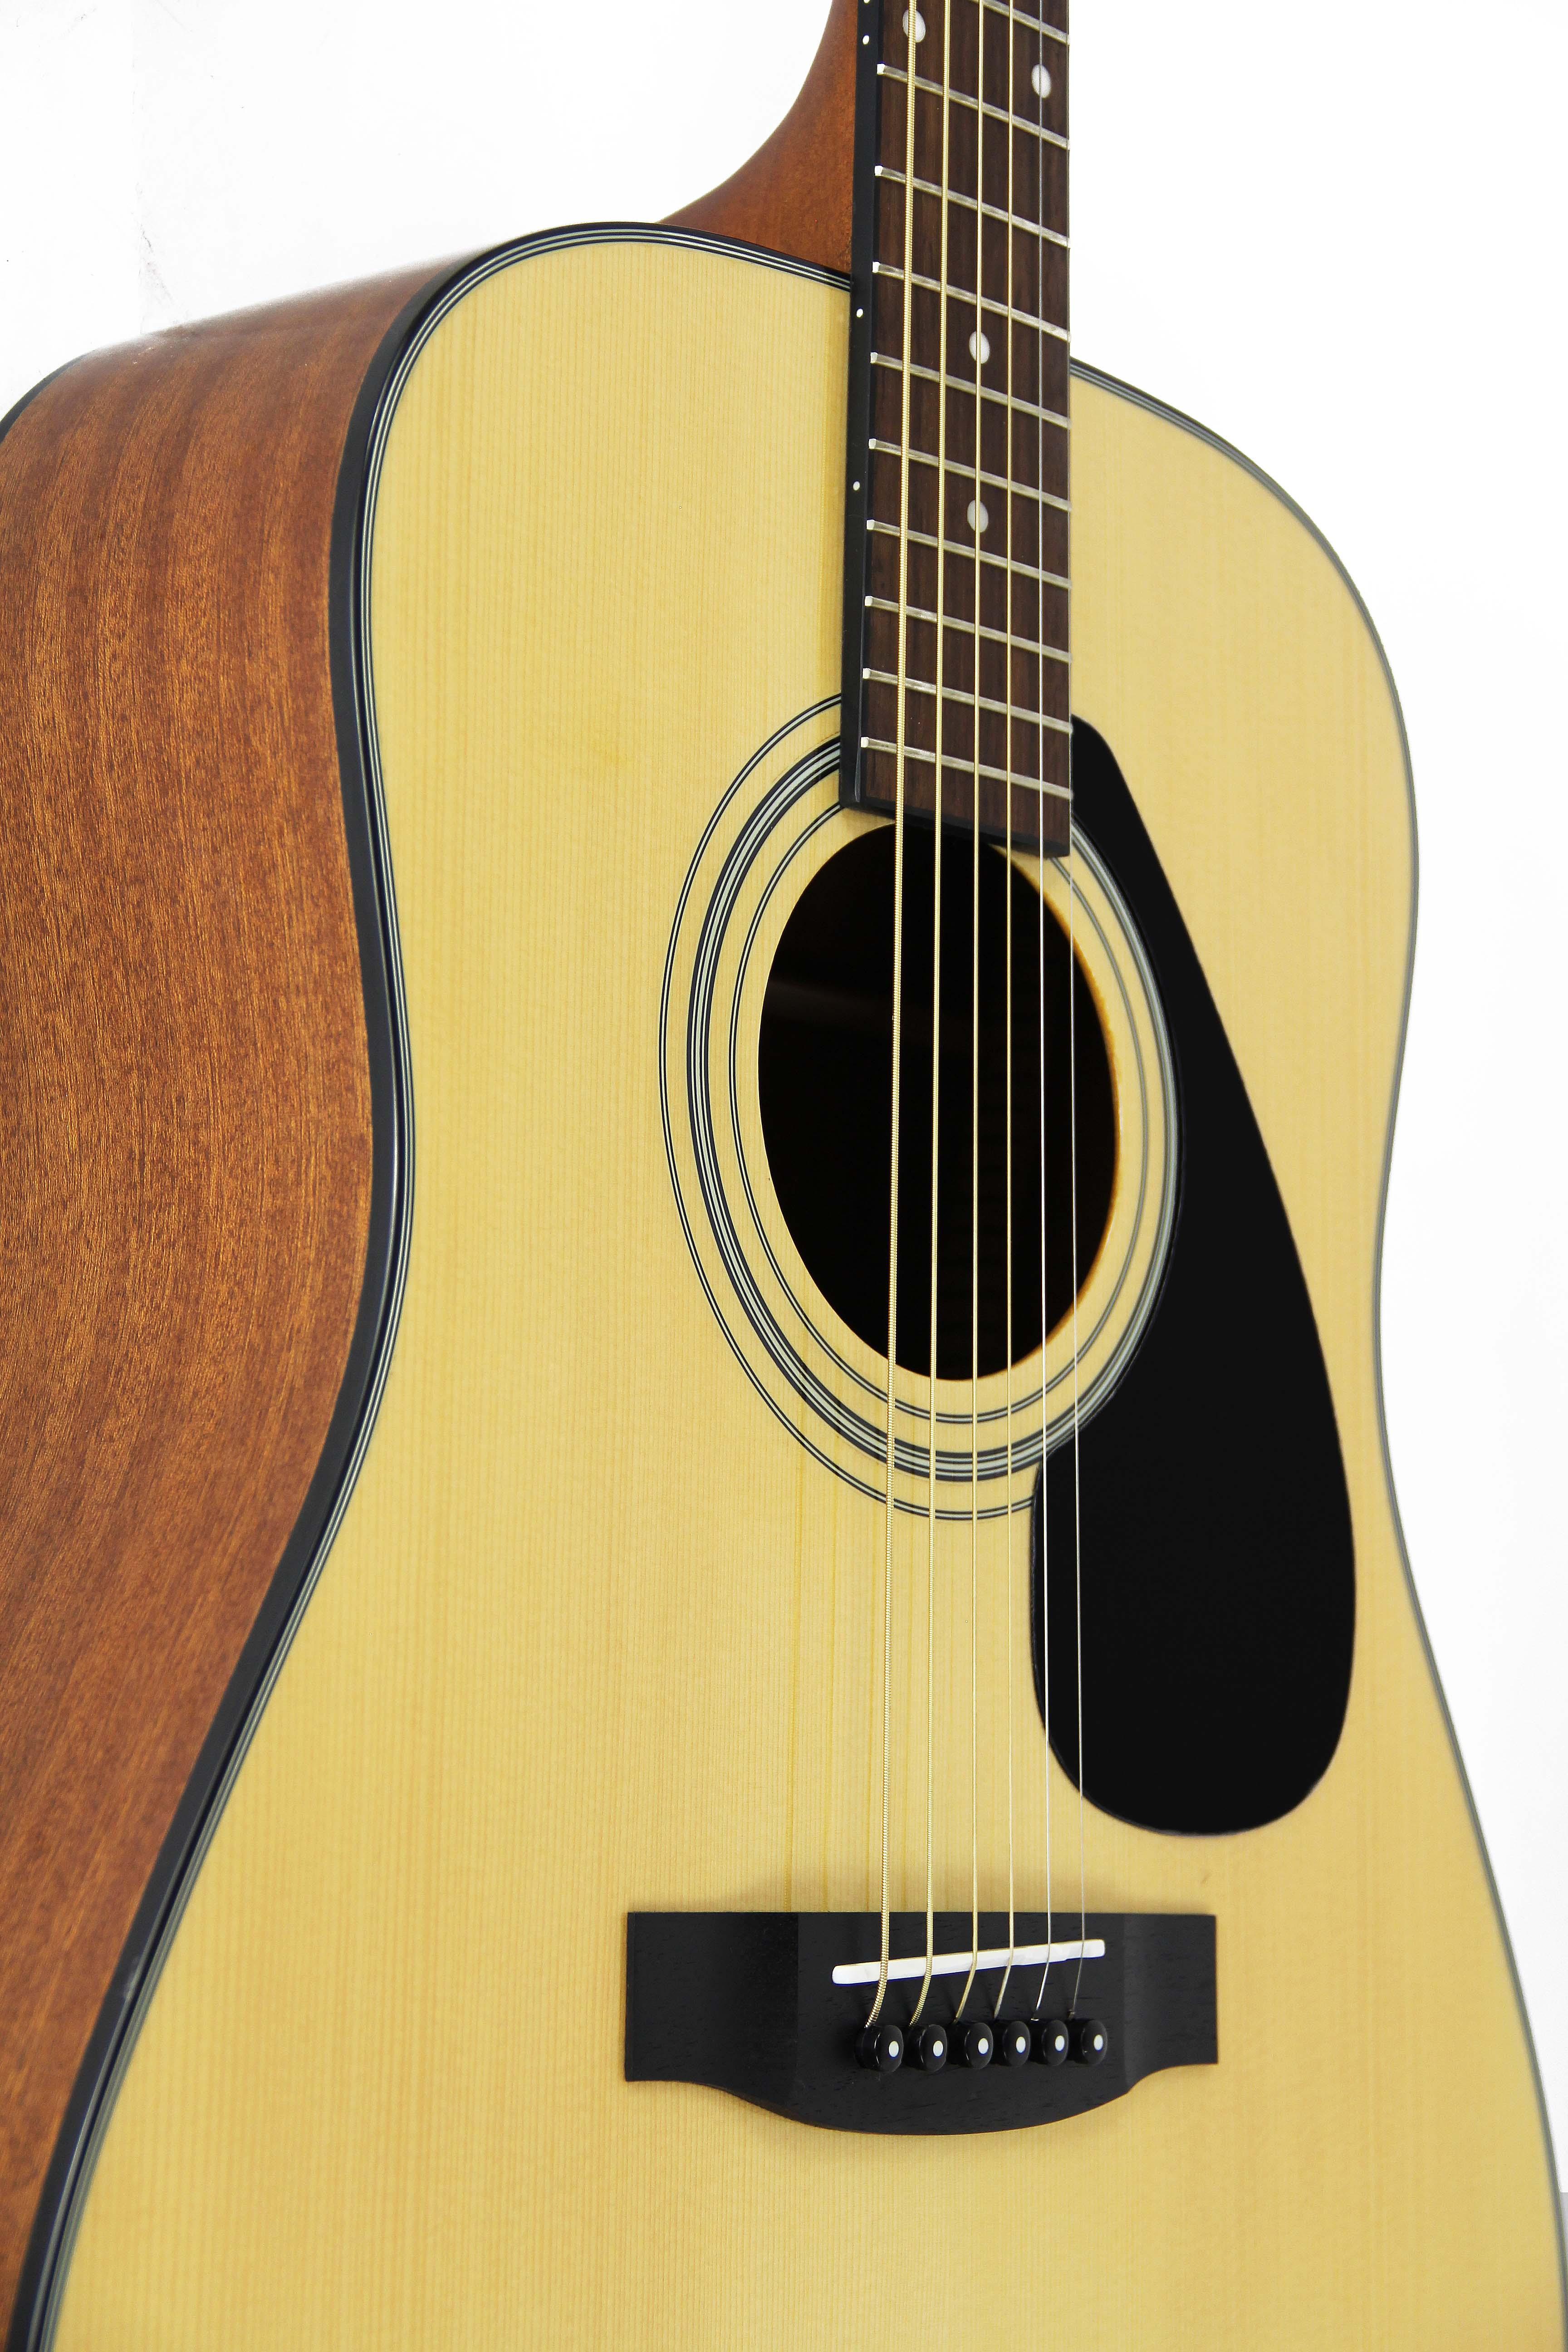 yamaha f325d acoustic guitar w hard case ebay. Black Bedroom Furniture Sets. Home Design Ideas